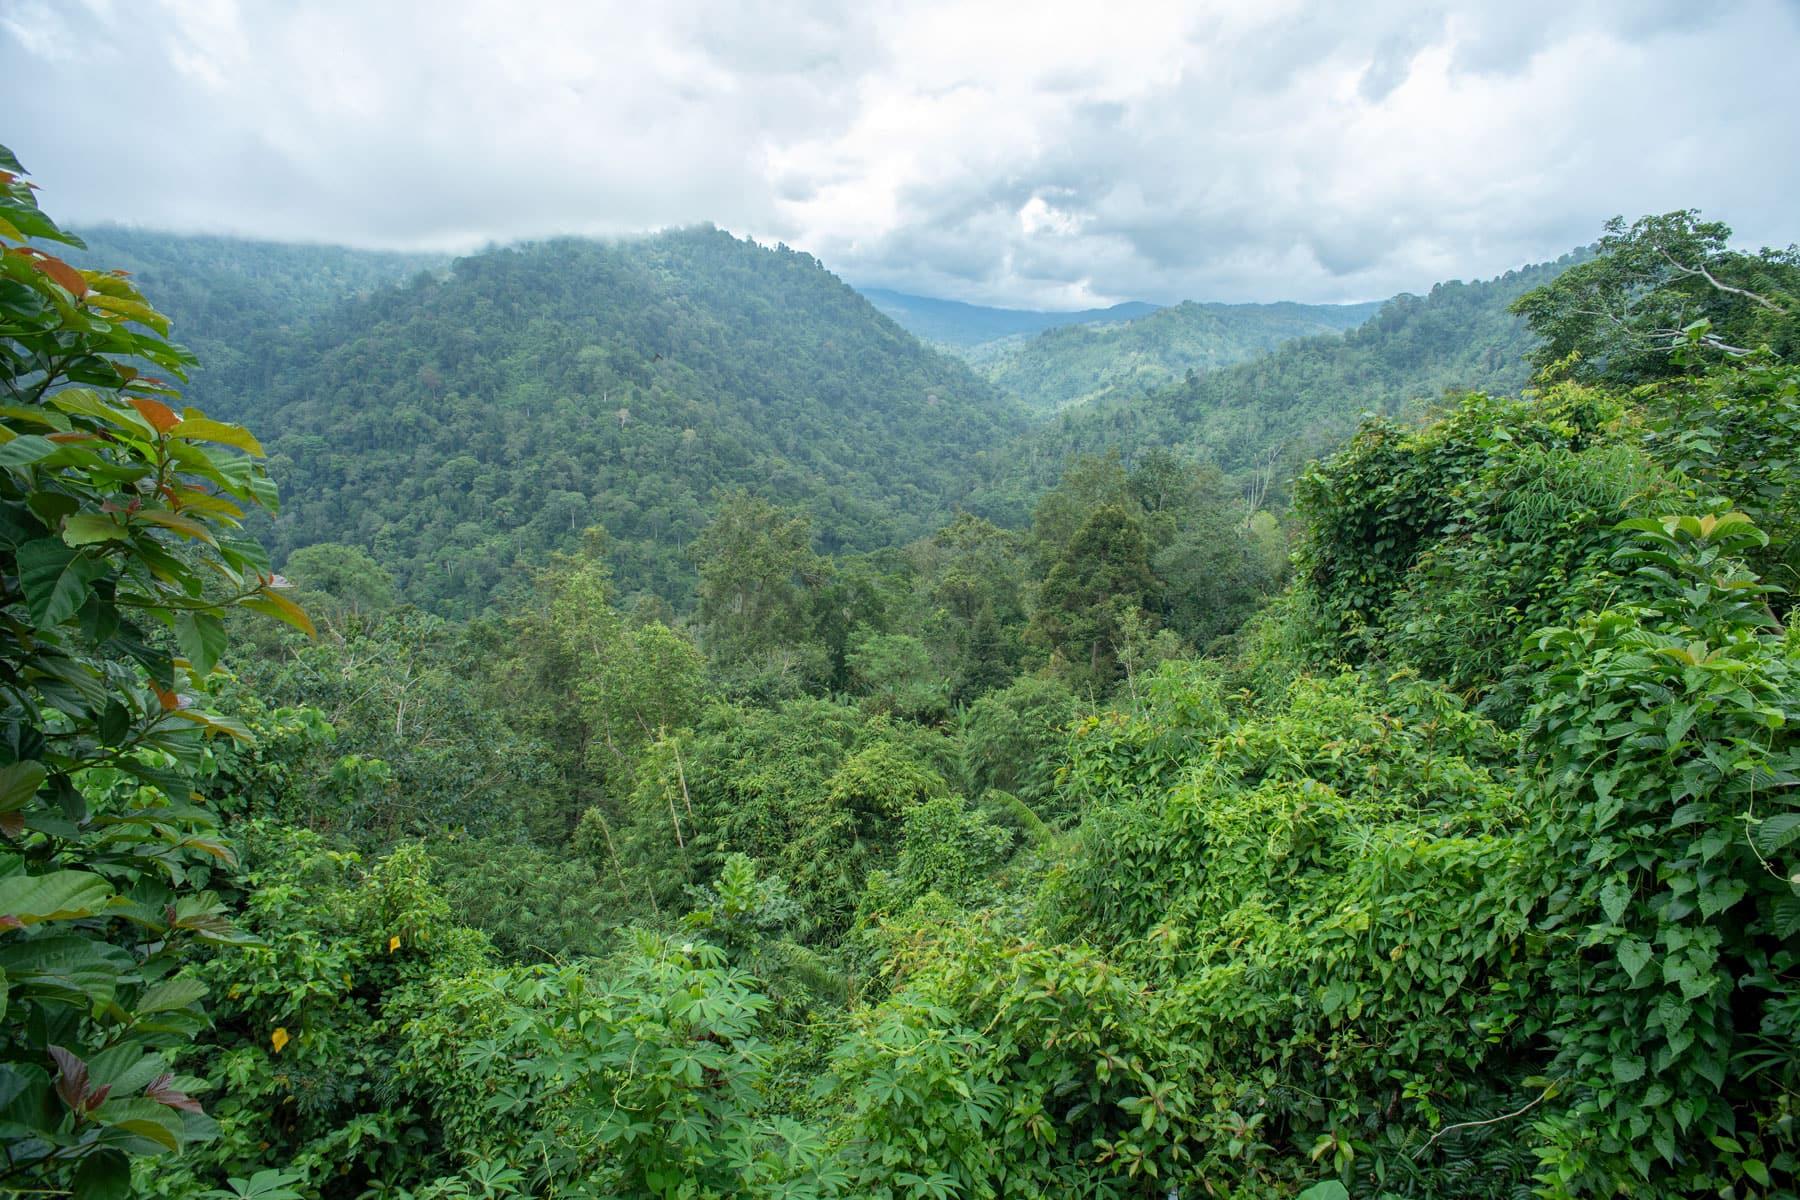 Ein Bild von einem grünen, hügeligen Regenwald von oben mit schönem Wolkenhimmel